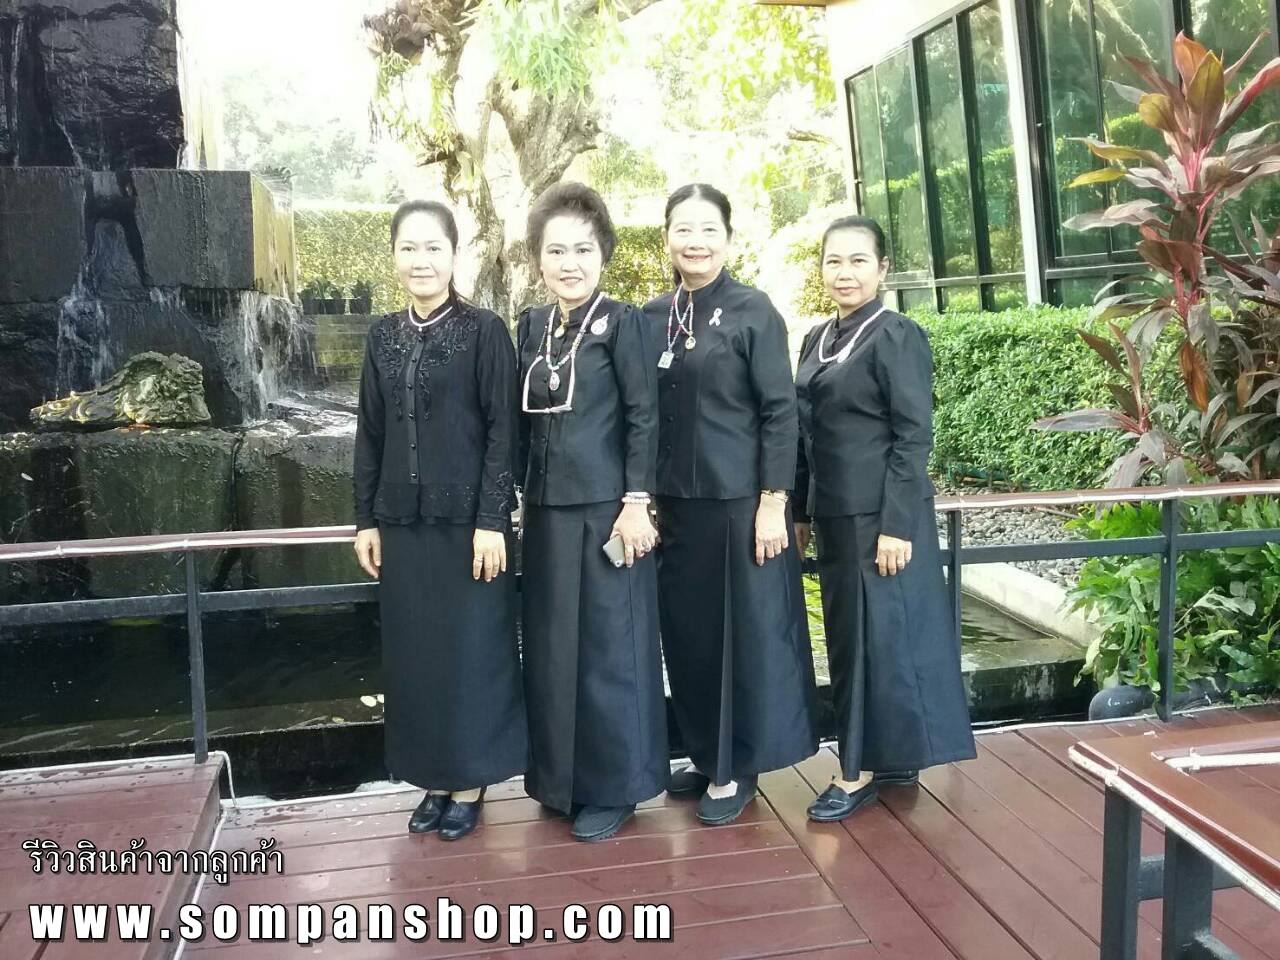 รีวิวชุดไทยจิตรลดาสีดำ